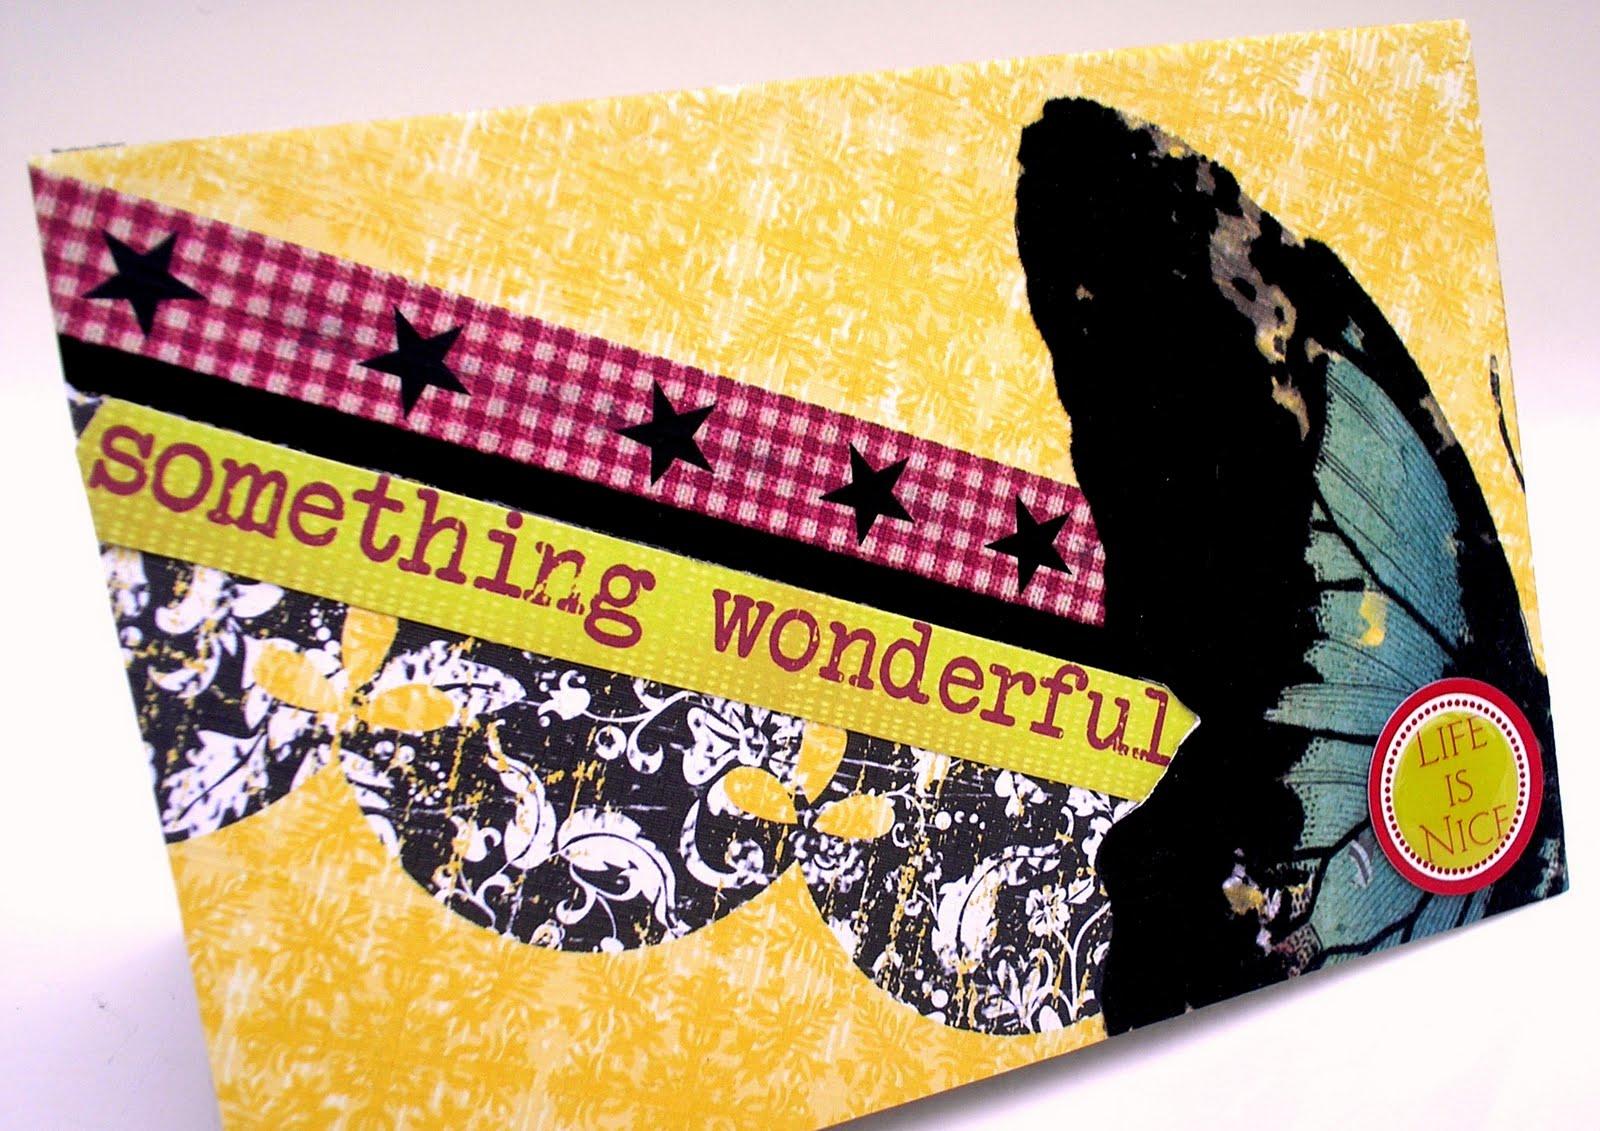 http://3.bp.blogspot.com/_0jCSHxrpUJs/TNb9HqckxII/AAAAAAAACX8/OekxpU8_Fvg/s1600/19+Butterflies+5.jpg